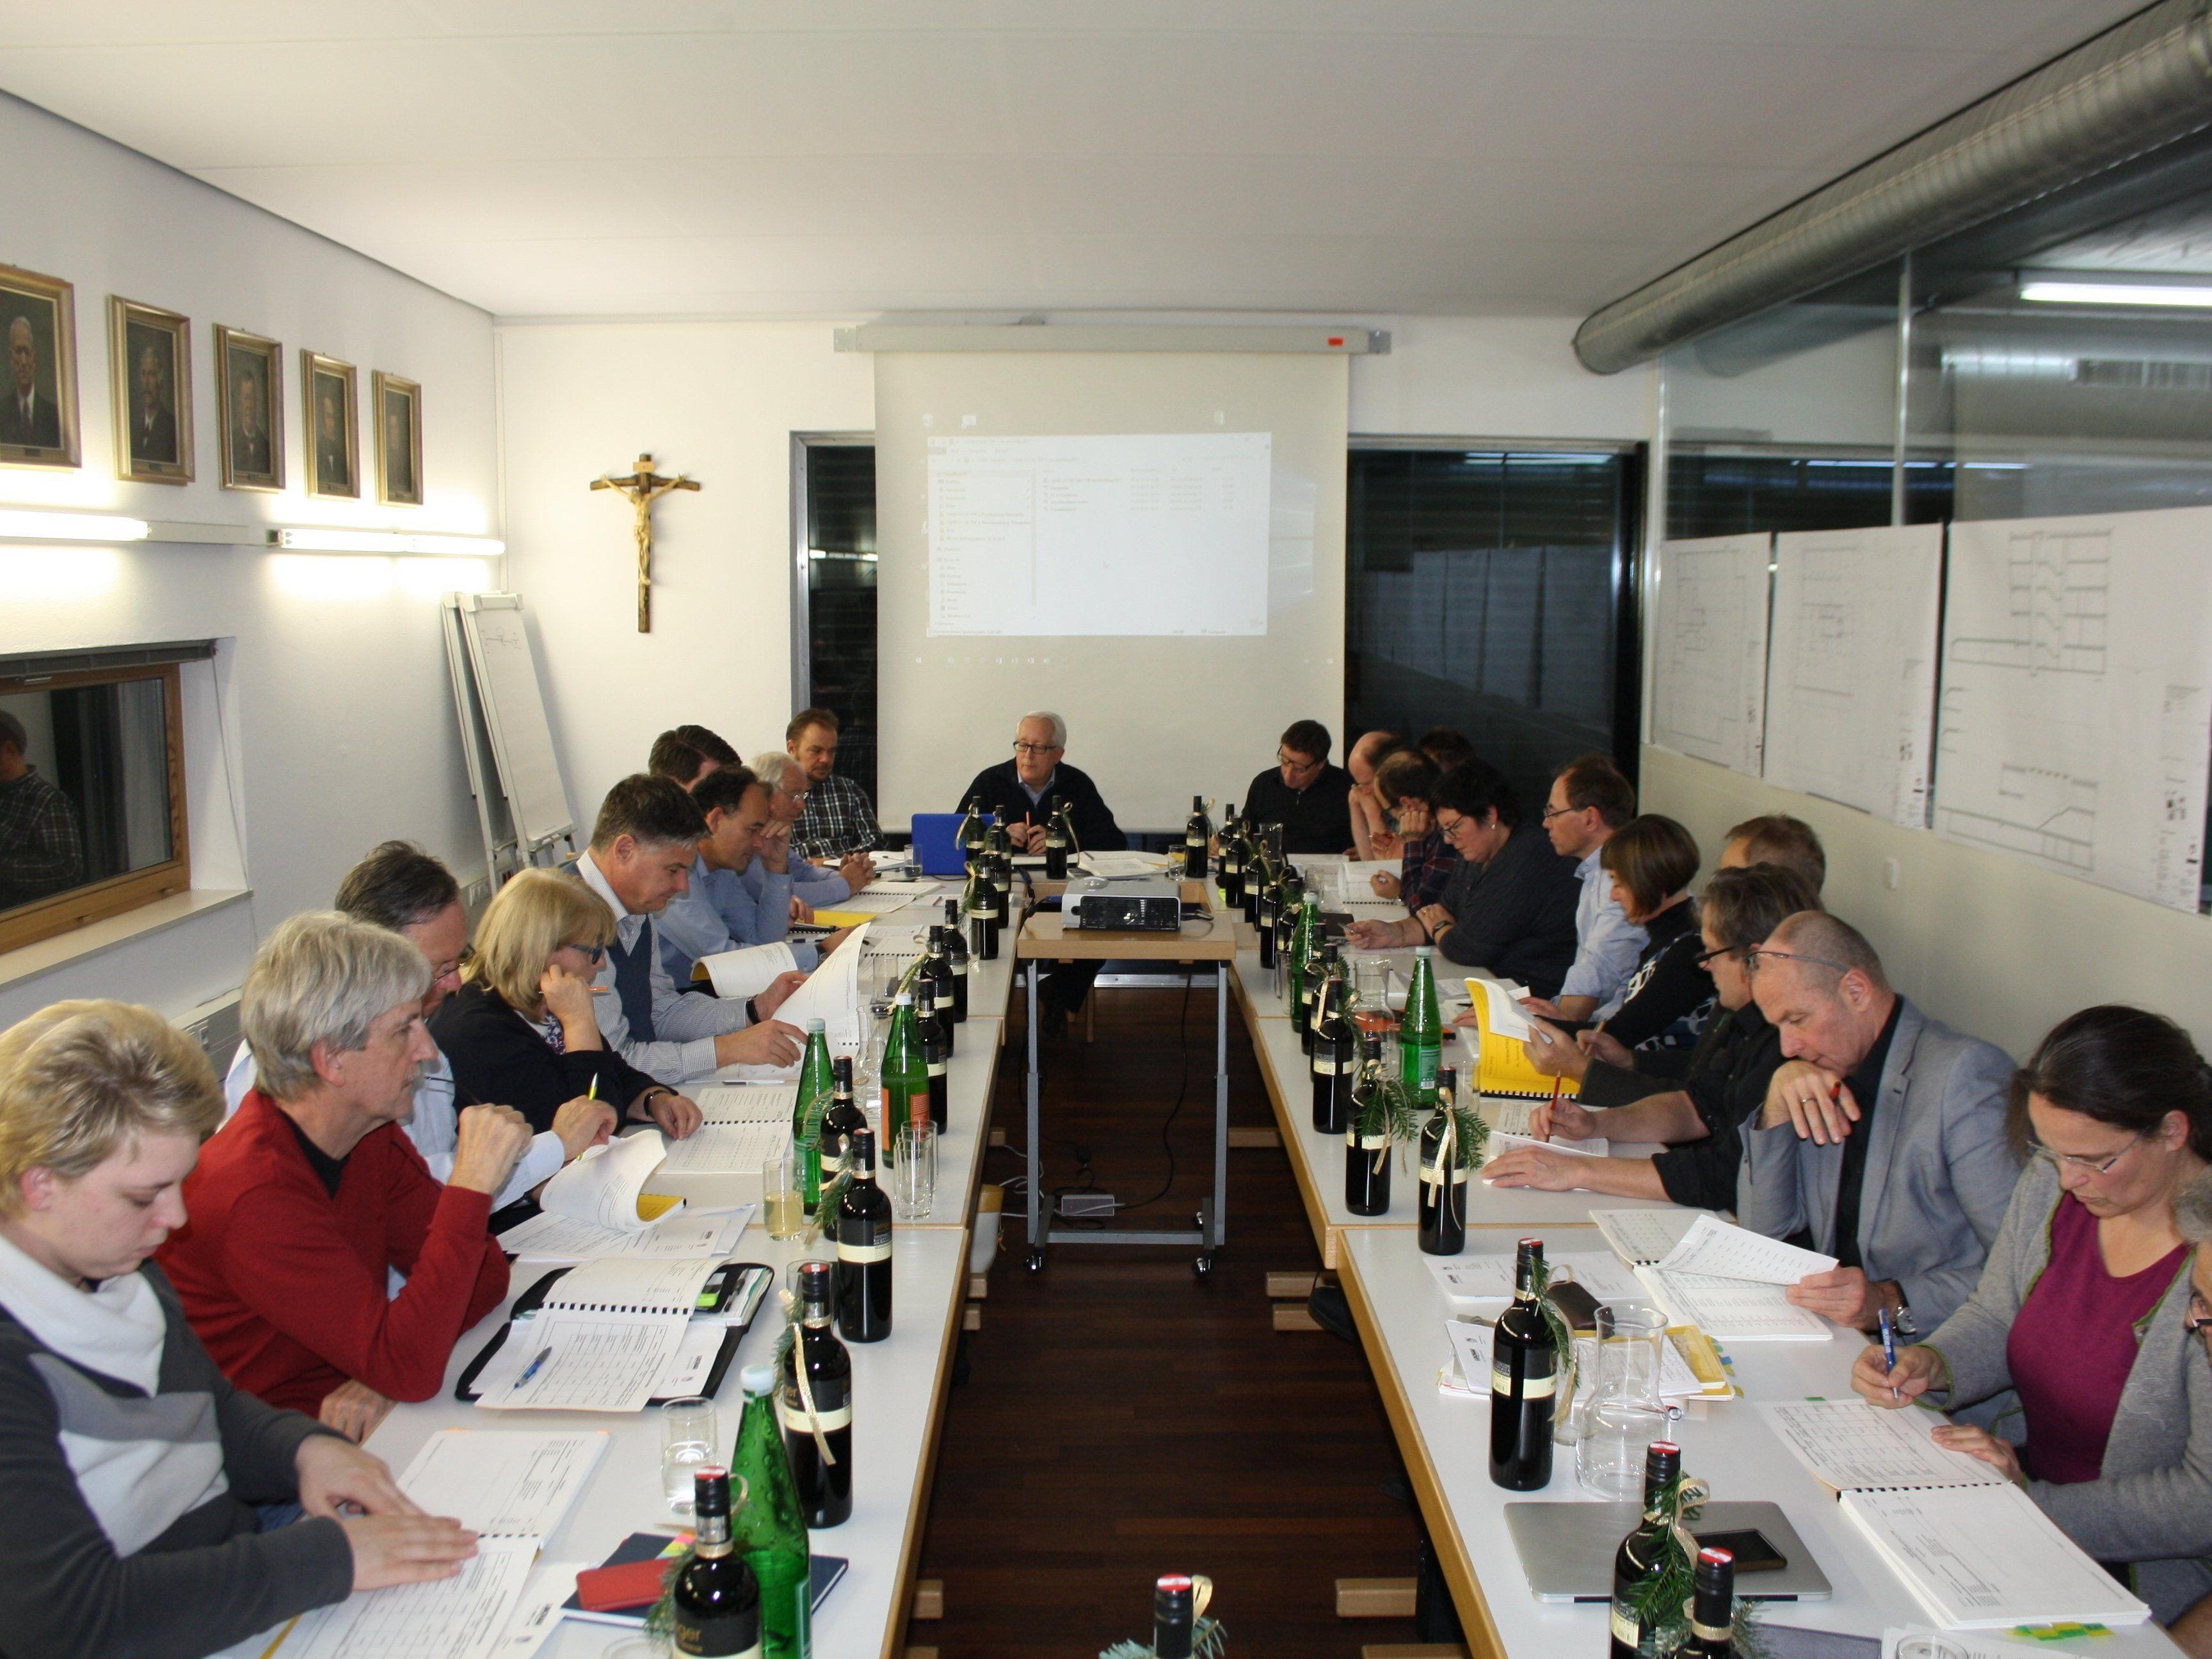 Mit Stimmen aus allen Fraktionen (Abstimmungsverhältnis 20:7) hat die Lochauer Gemeindevertretung am 15. Dezember 2016 das Budget für das Jahr 2017 mit einem Gesamtrahmen von 18.951.300 Euro beschlossen.